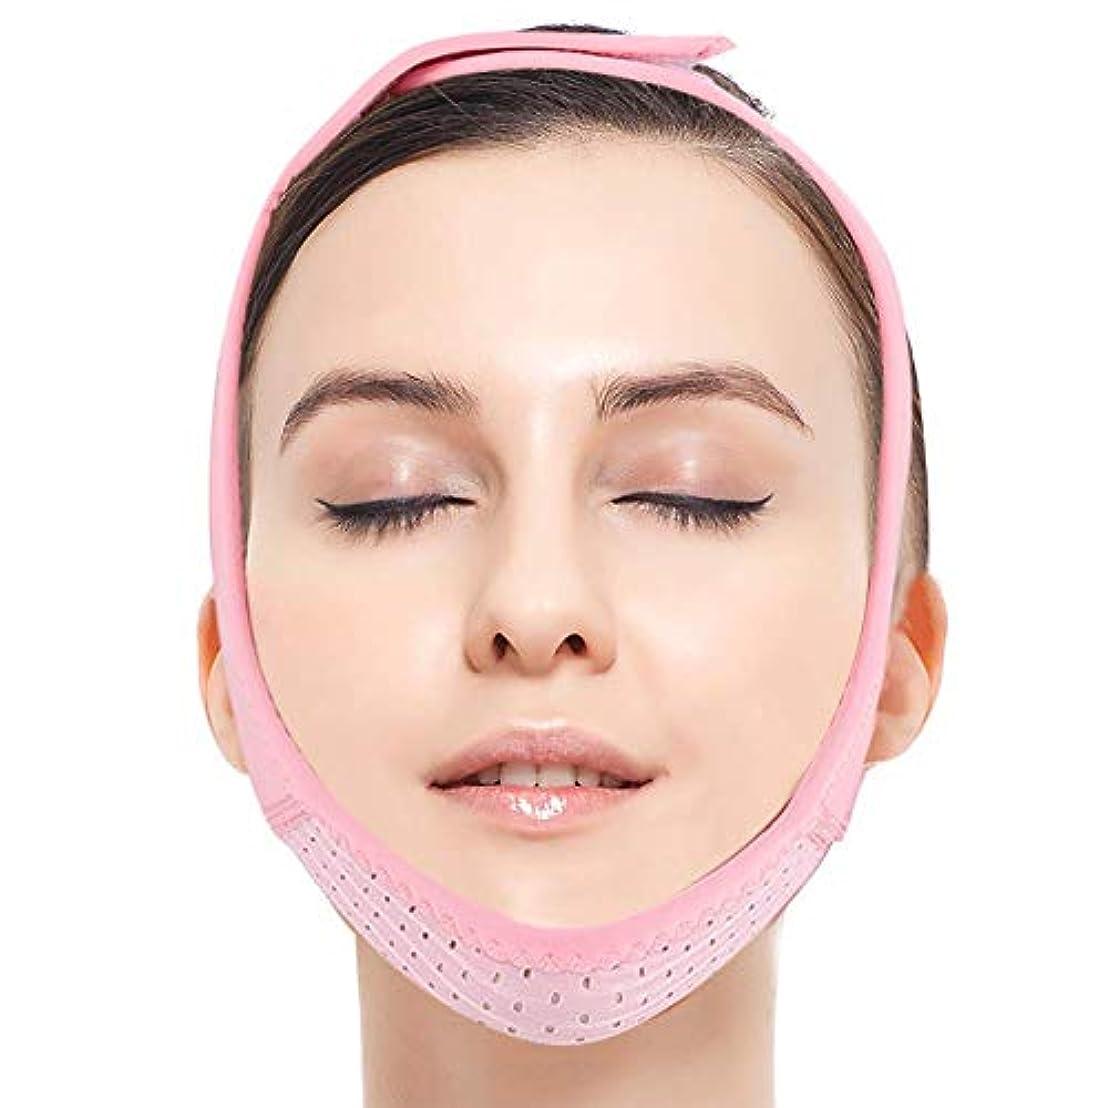 レキシコン求人汗女性のための顔のリフティングベルト、顔のリフティングスリミング弾性ベルト、Vラインチンチークリフトアップバンド、二重あごケア減量Vフェイスアンチリンクル